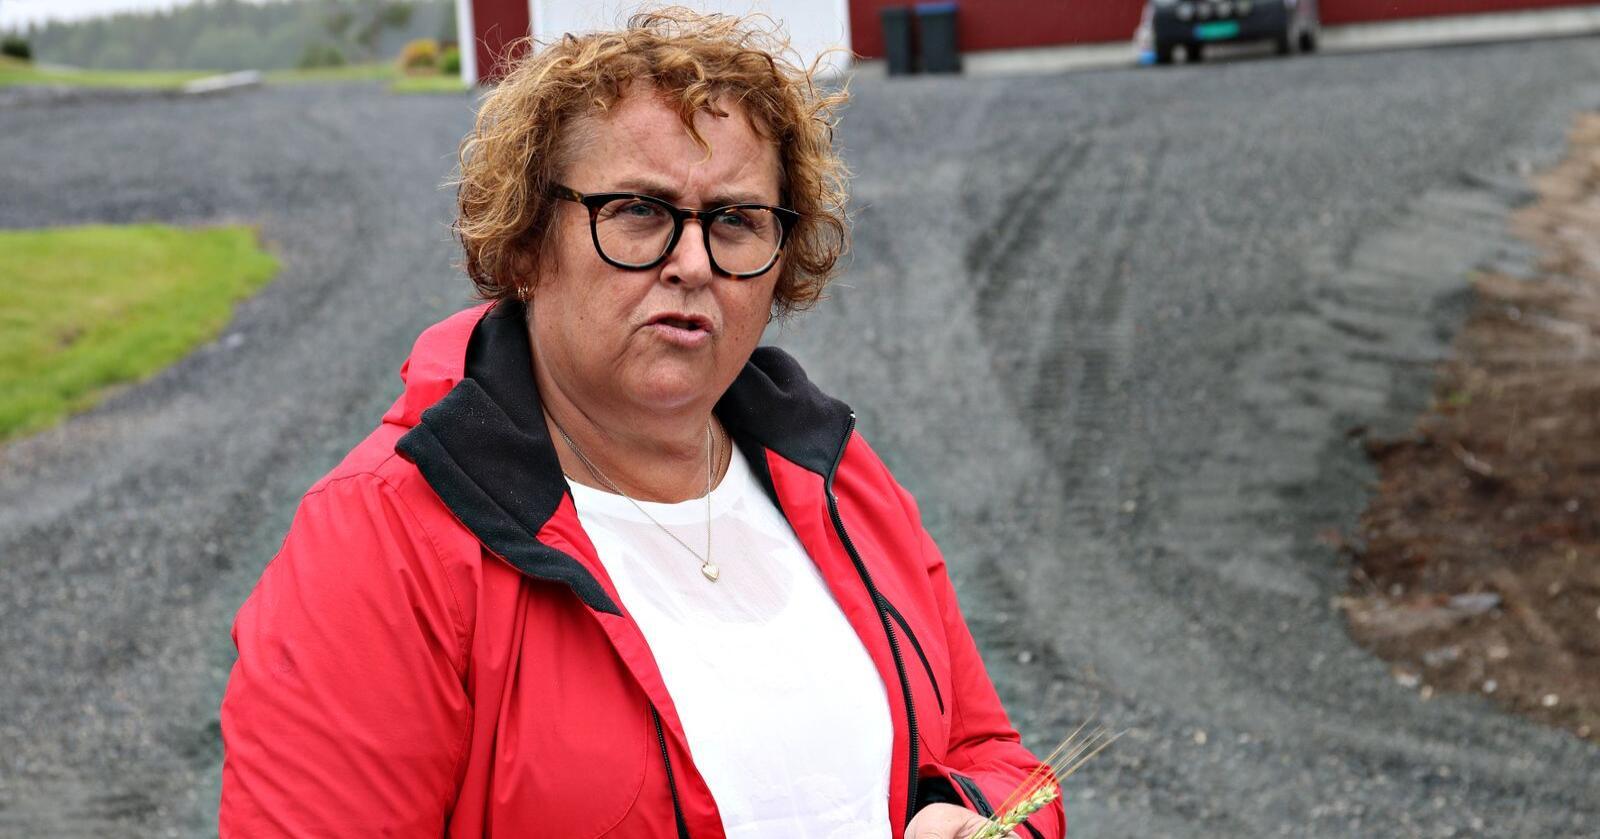 Feil og villedende merking av norske landbruksprodukter irriterer mange. Nå vil landbruks- og matministeren innkalle de store kjedene til møte for å komme problemet til livs. (Foto: Lars Olav Haug)